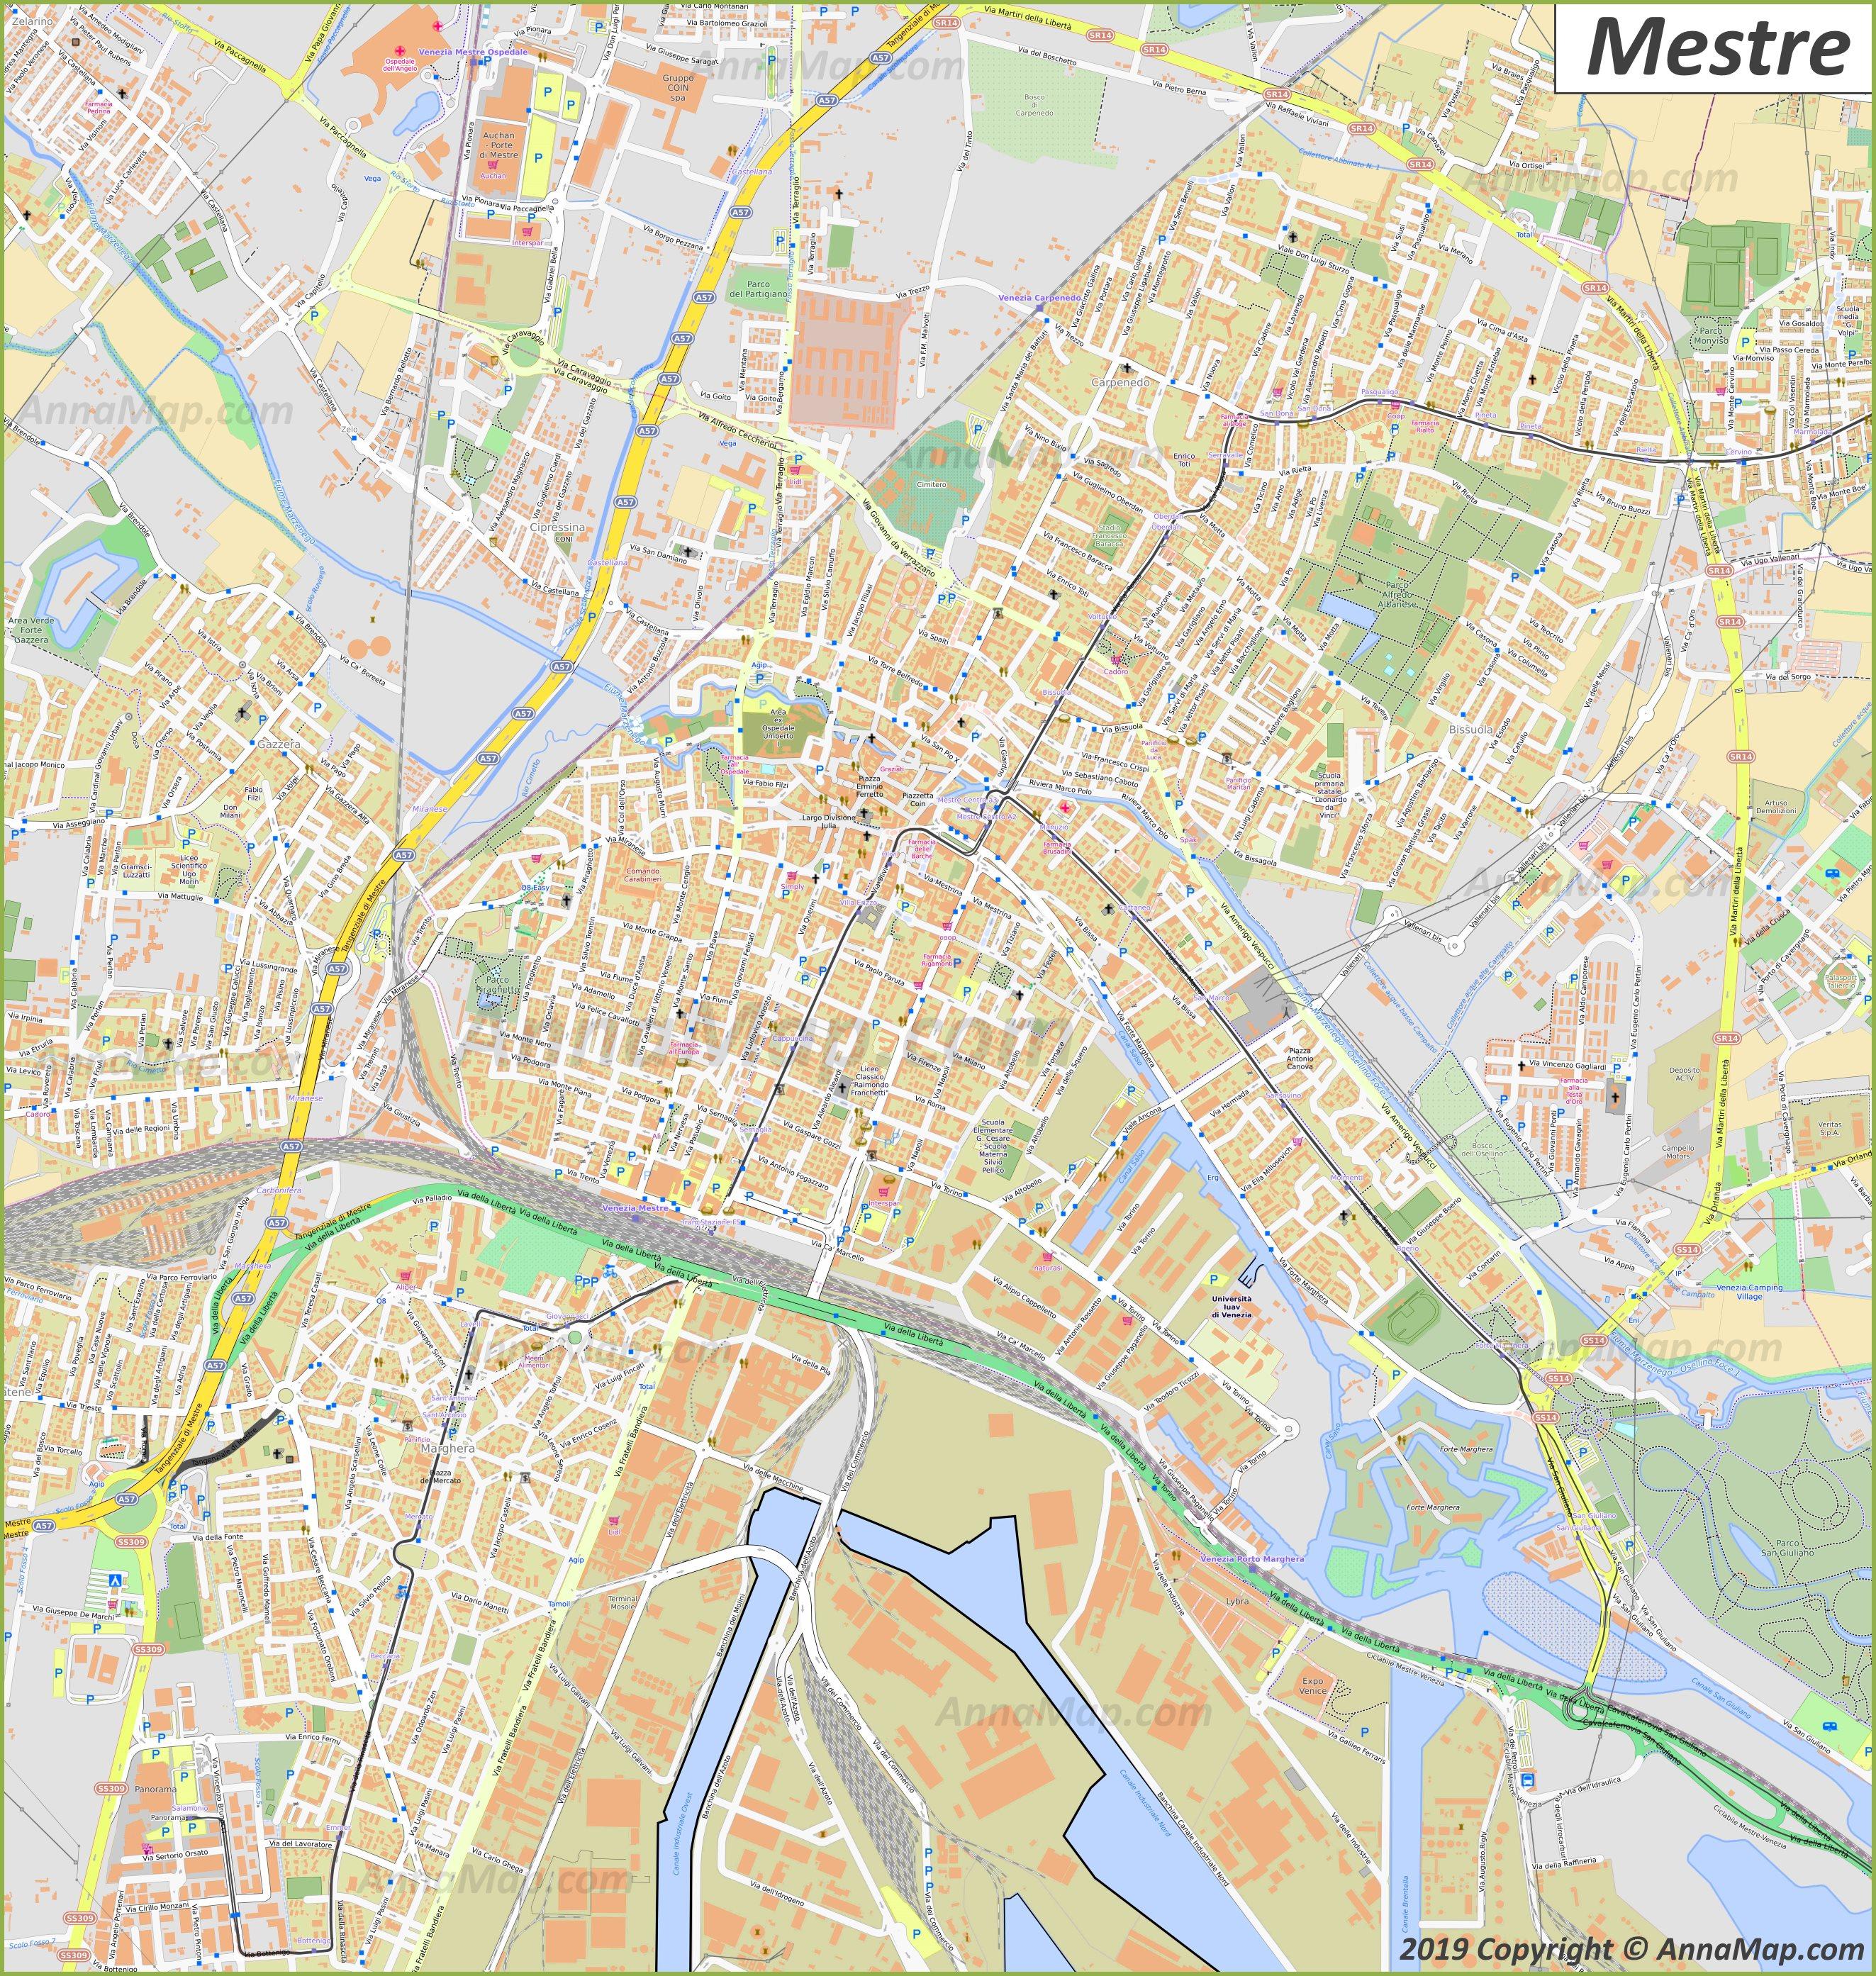 Cartina Venezia Dettagliata.Mappe Turistiche Dettagliate Di Venezia Italia Mappe Stampabili Gratuite Di Venezia Annamappa Com